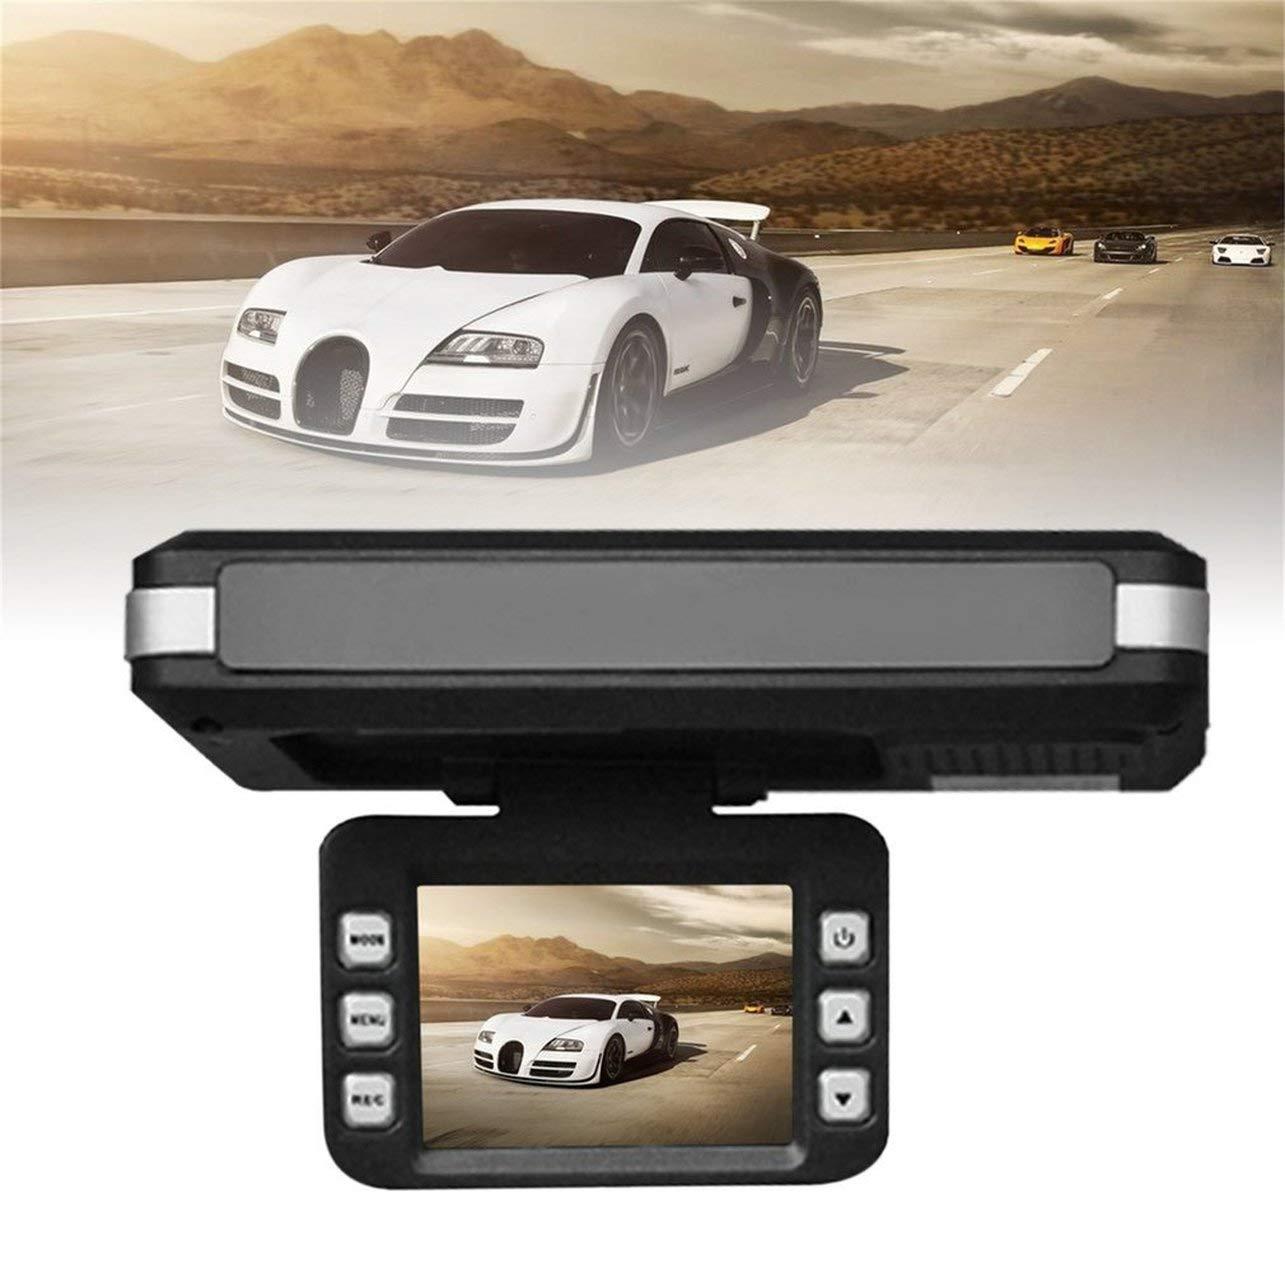 2 in 1 Car DVR Radar Dash Cam Laser Video Speed Detector/GPS Car Camera Record (Color: Black) WOSOSYEYO